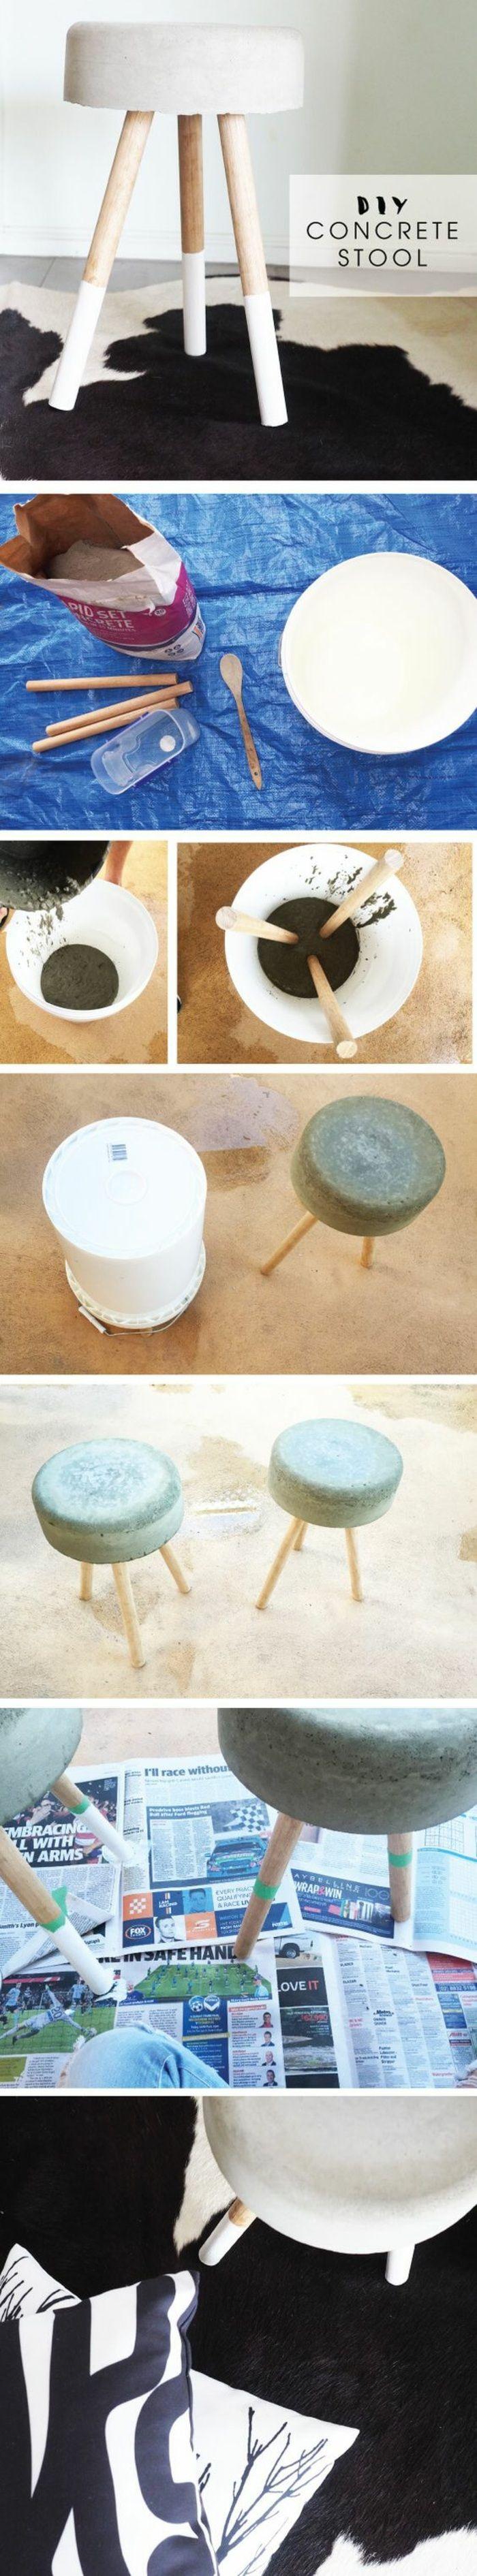 basteln mit beton und holz   diy hocker, weißer eimer, holzlöffel